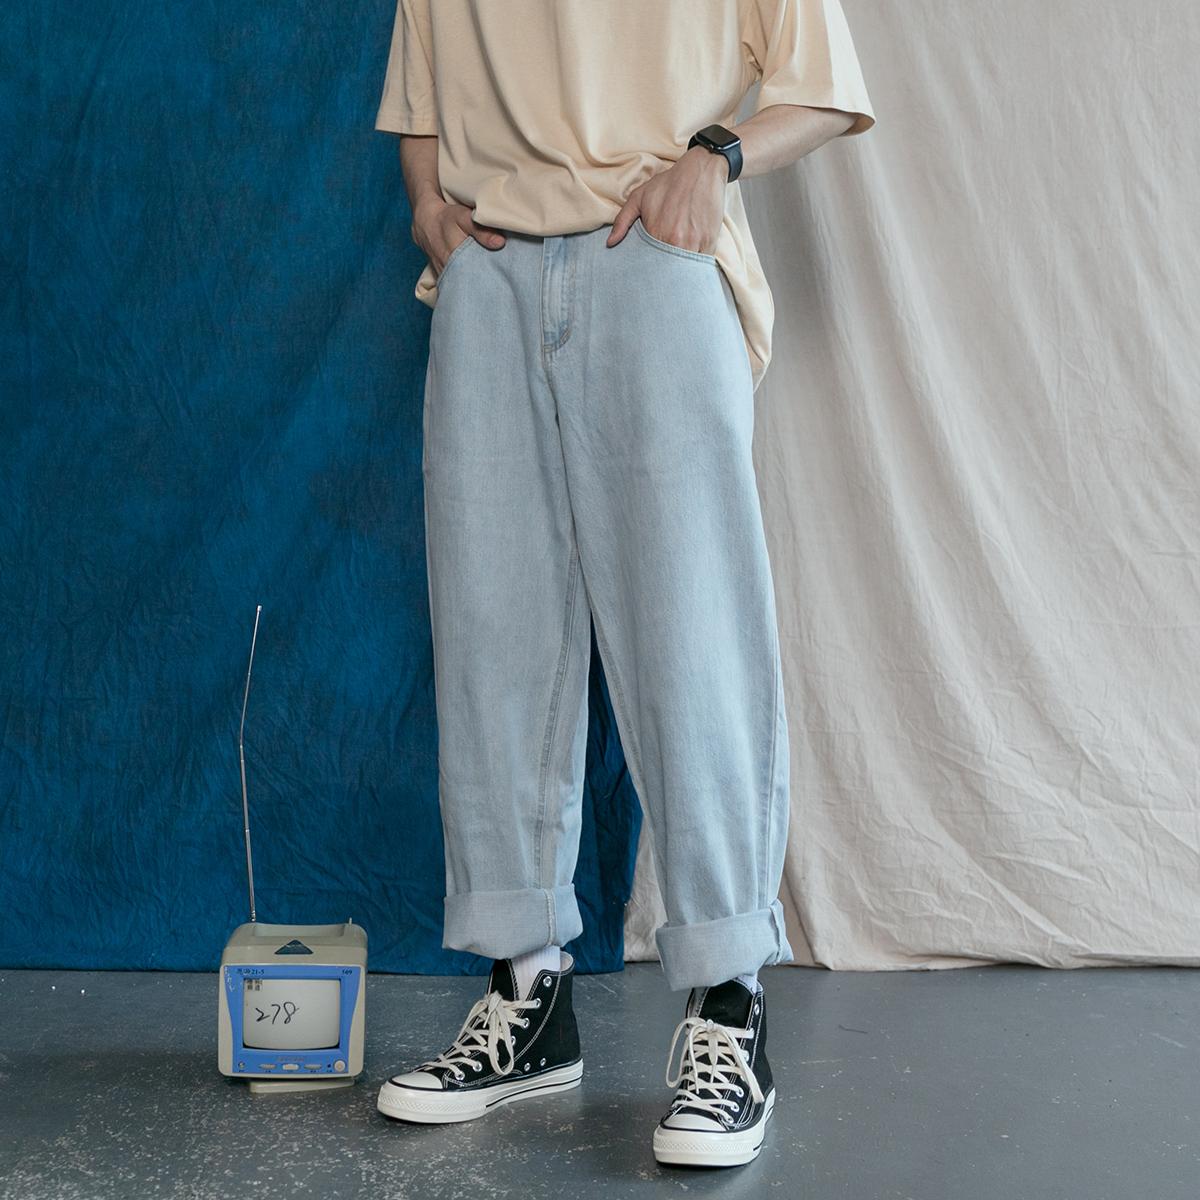 男士直筒牛仔裤 日系复古简约百搭纯色基础款牛仔长裤宽松BF老爹裤男女直筒休闲裤_推荐淘宝好看的男直筒牛仔裤